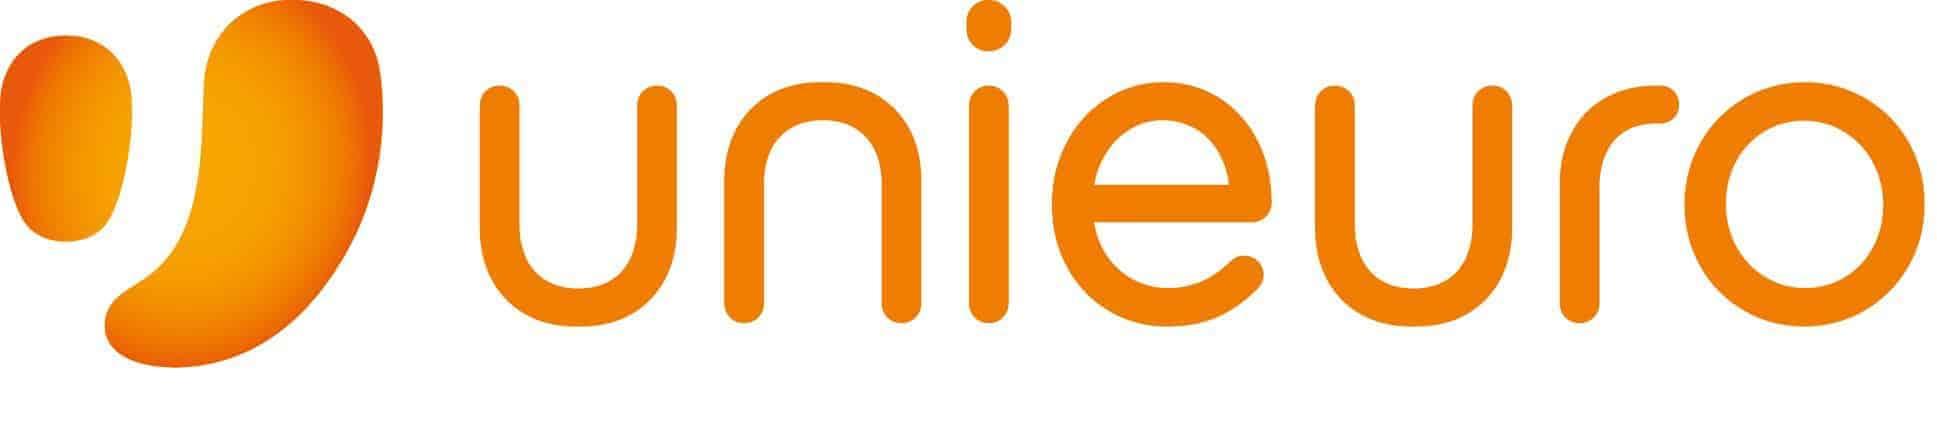 Unieuro lancia la promozione NO IVA per il weekend